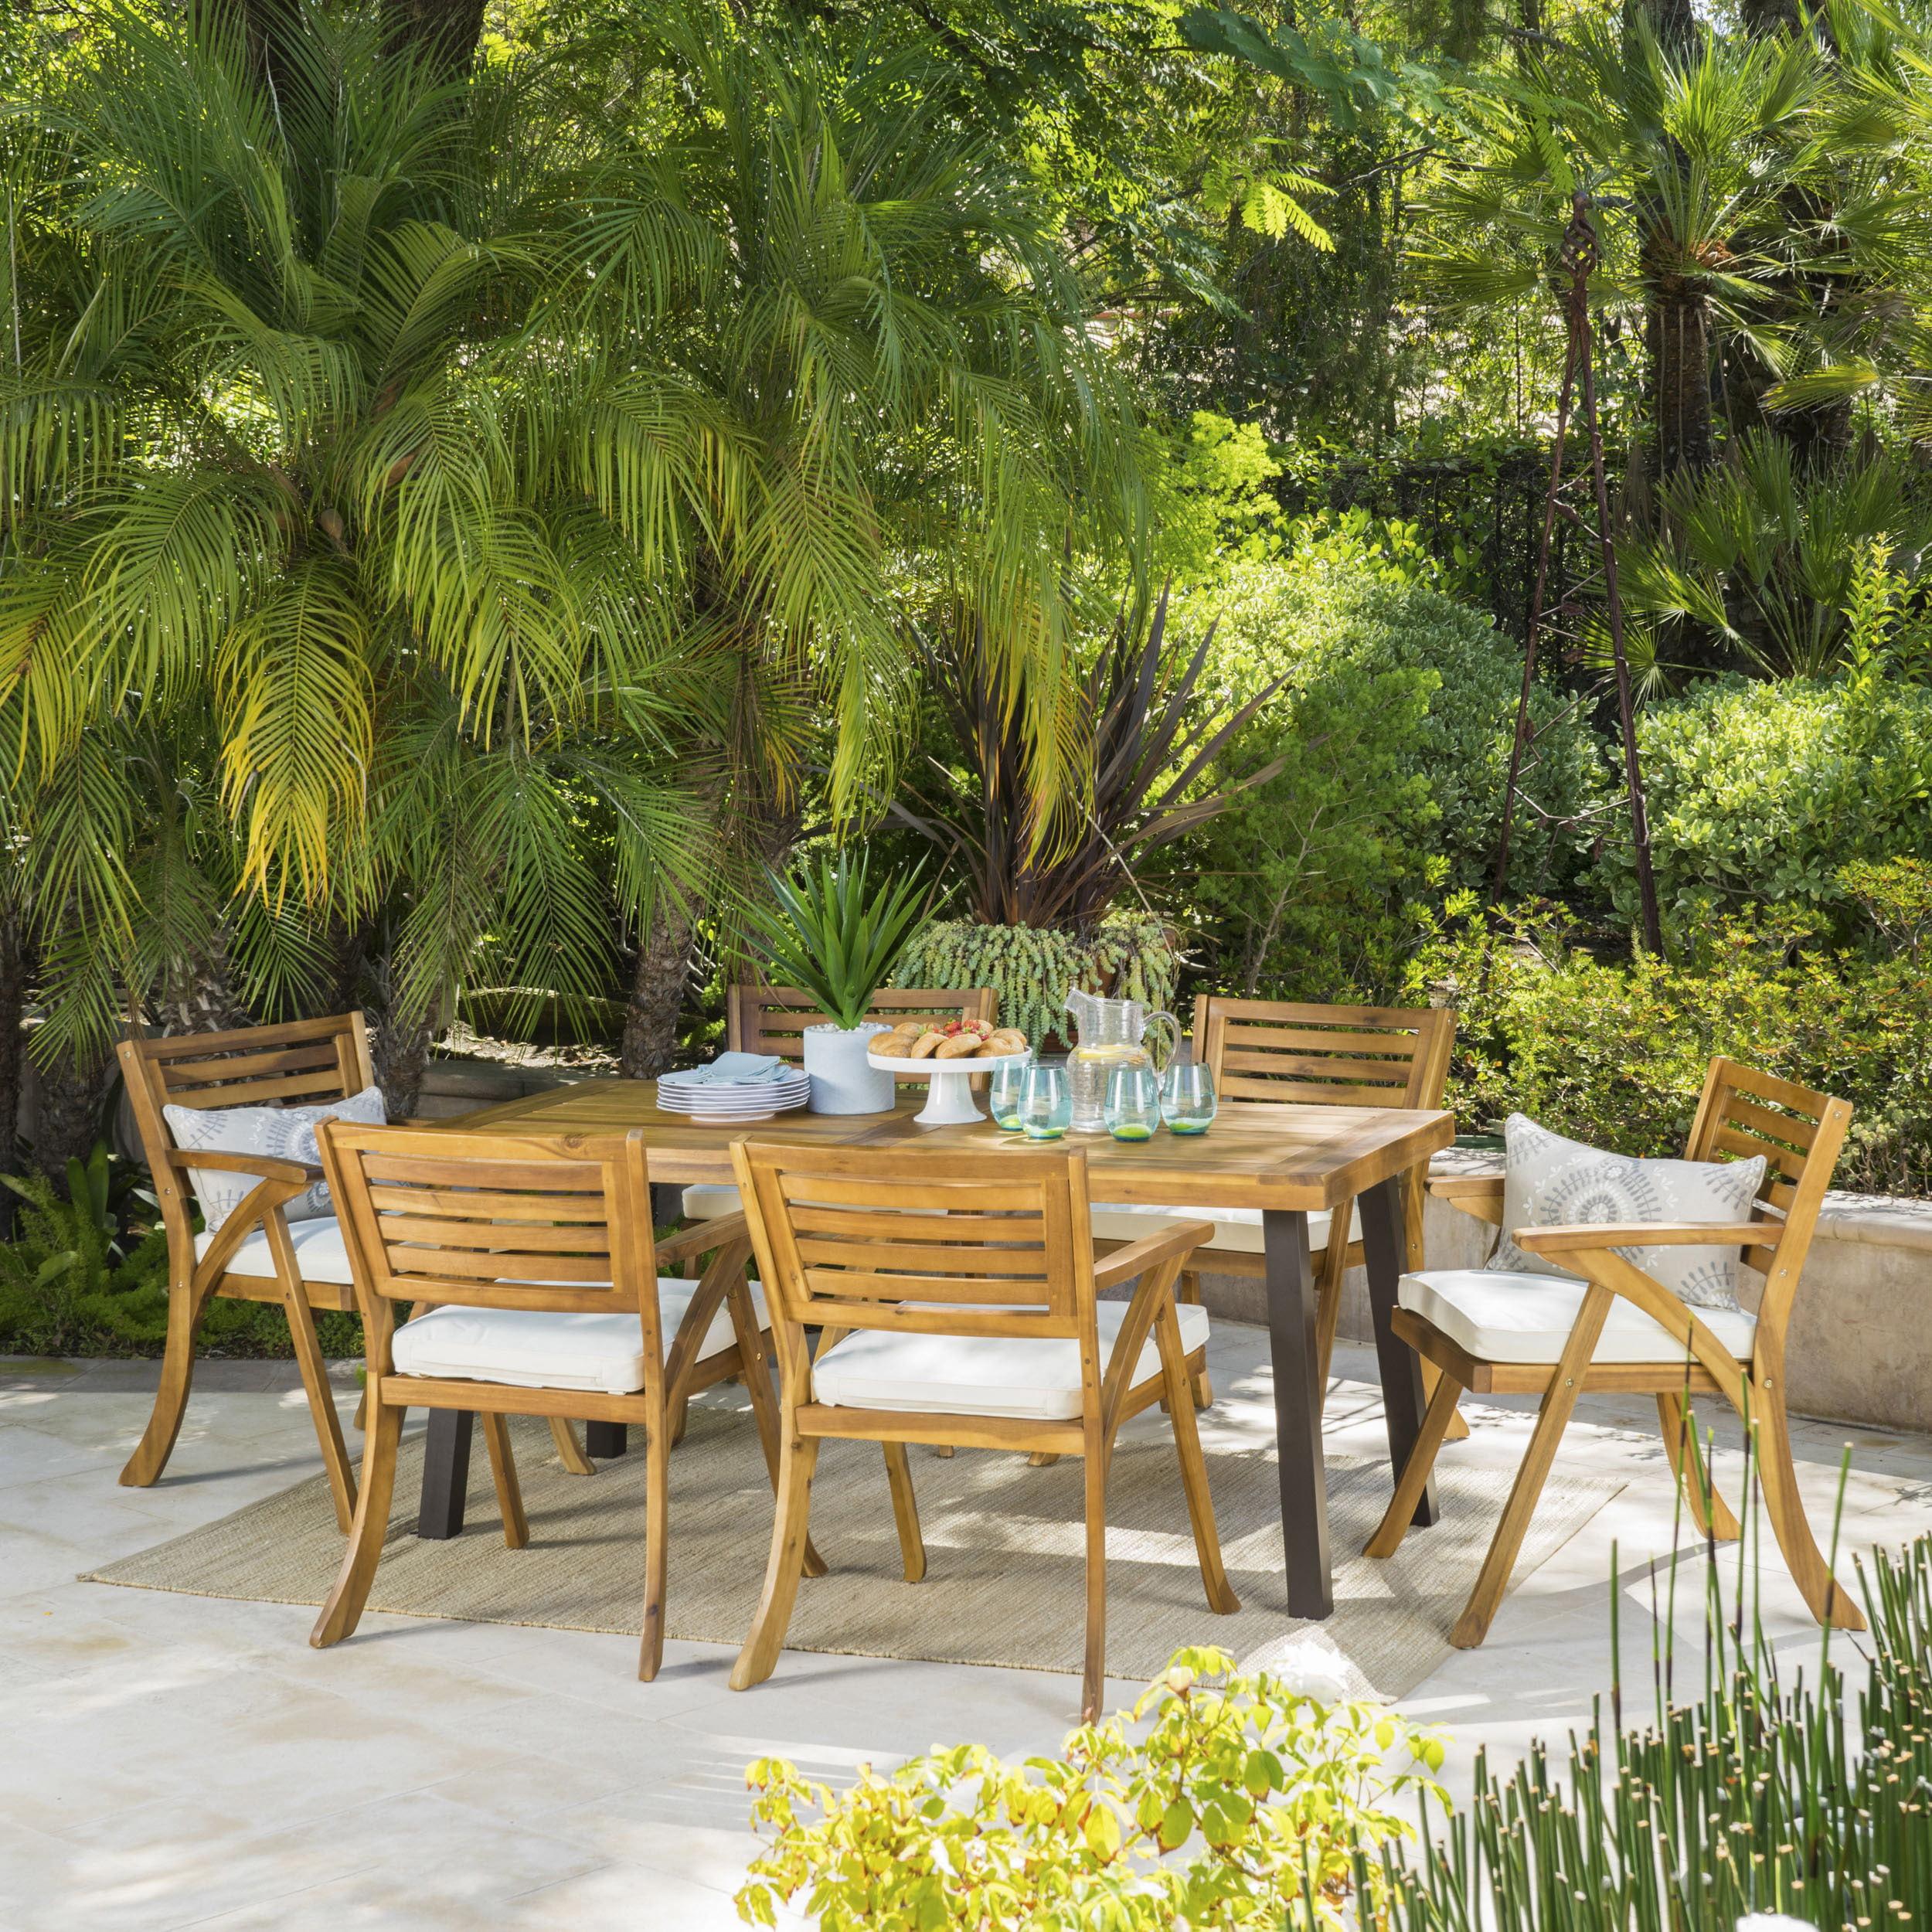 Paul 7 Piece Outdoor Acacia Wood Dining Set, Teak Finish